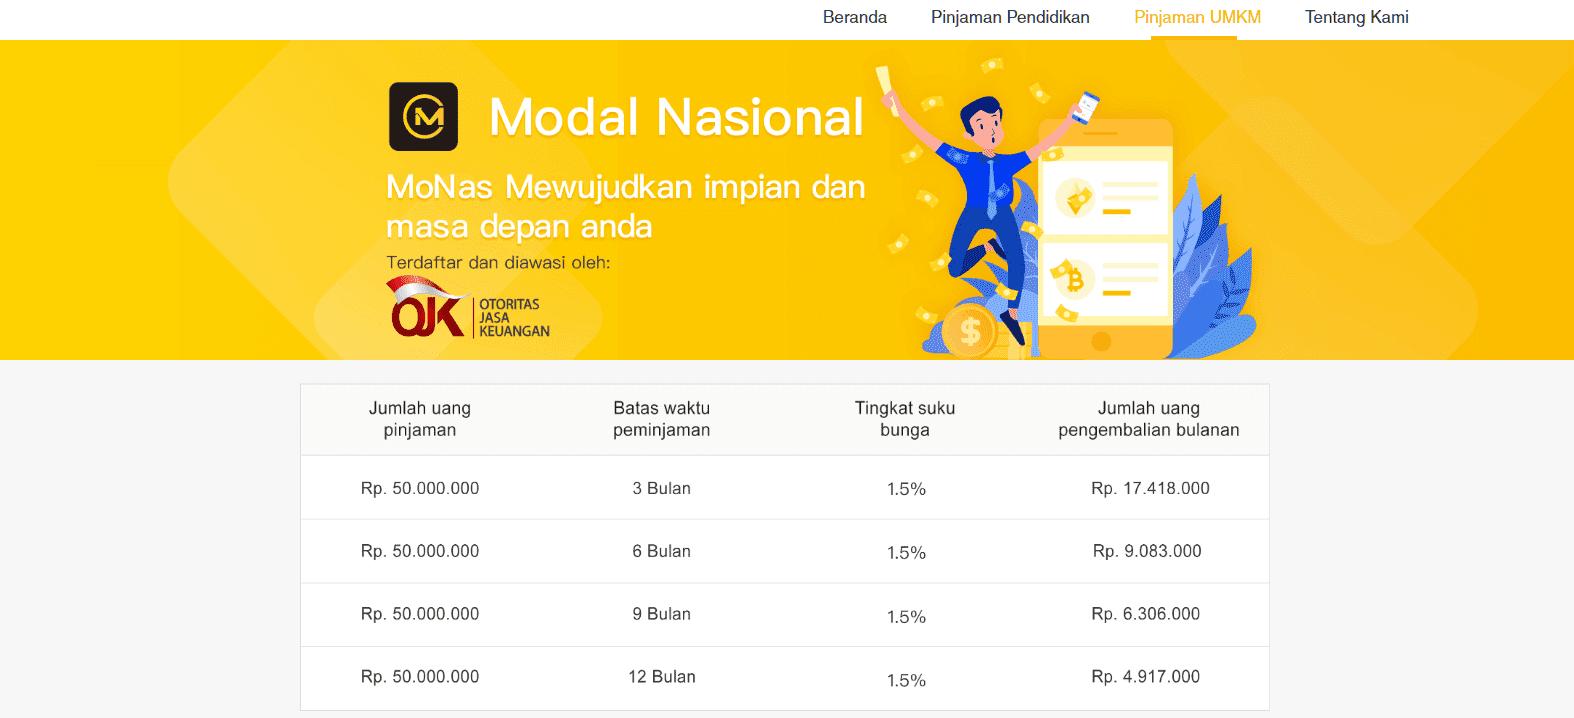 Modal Nasional Pinjaman Online